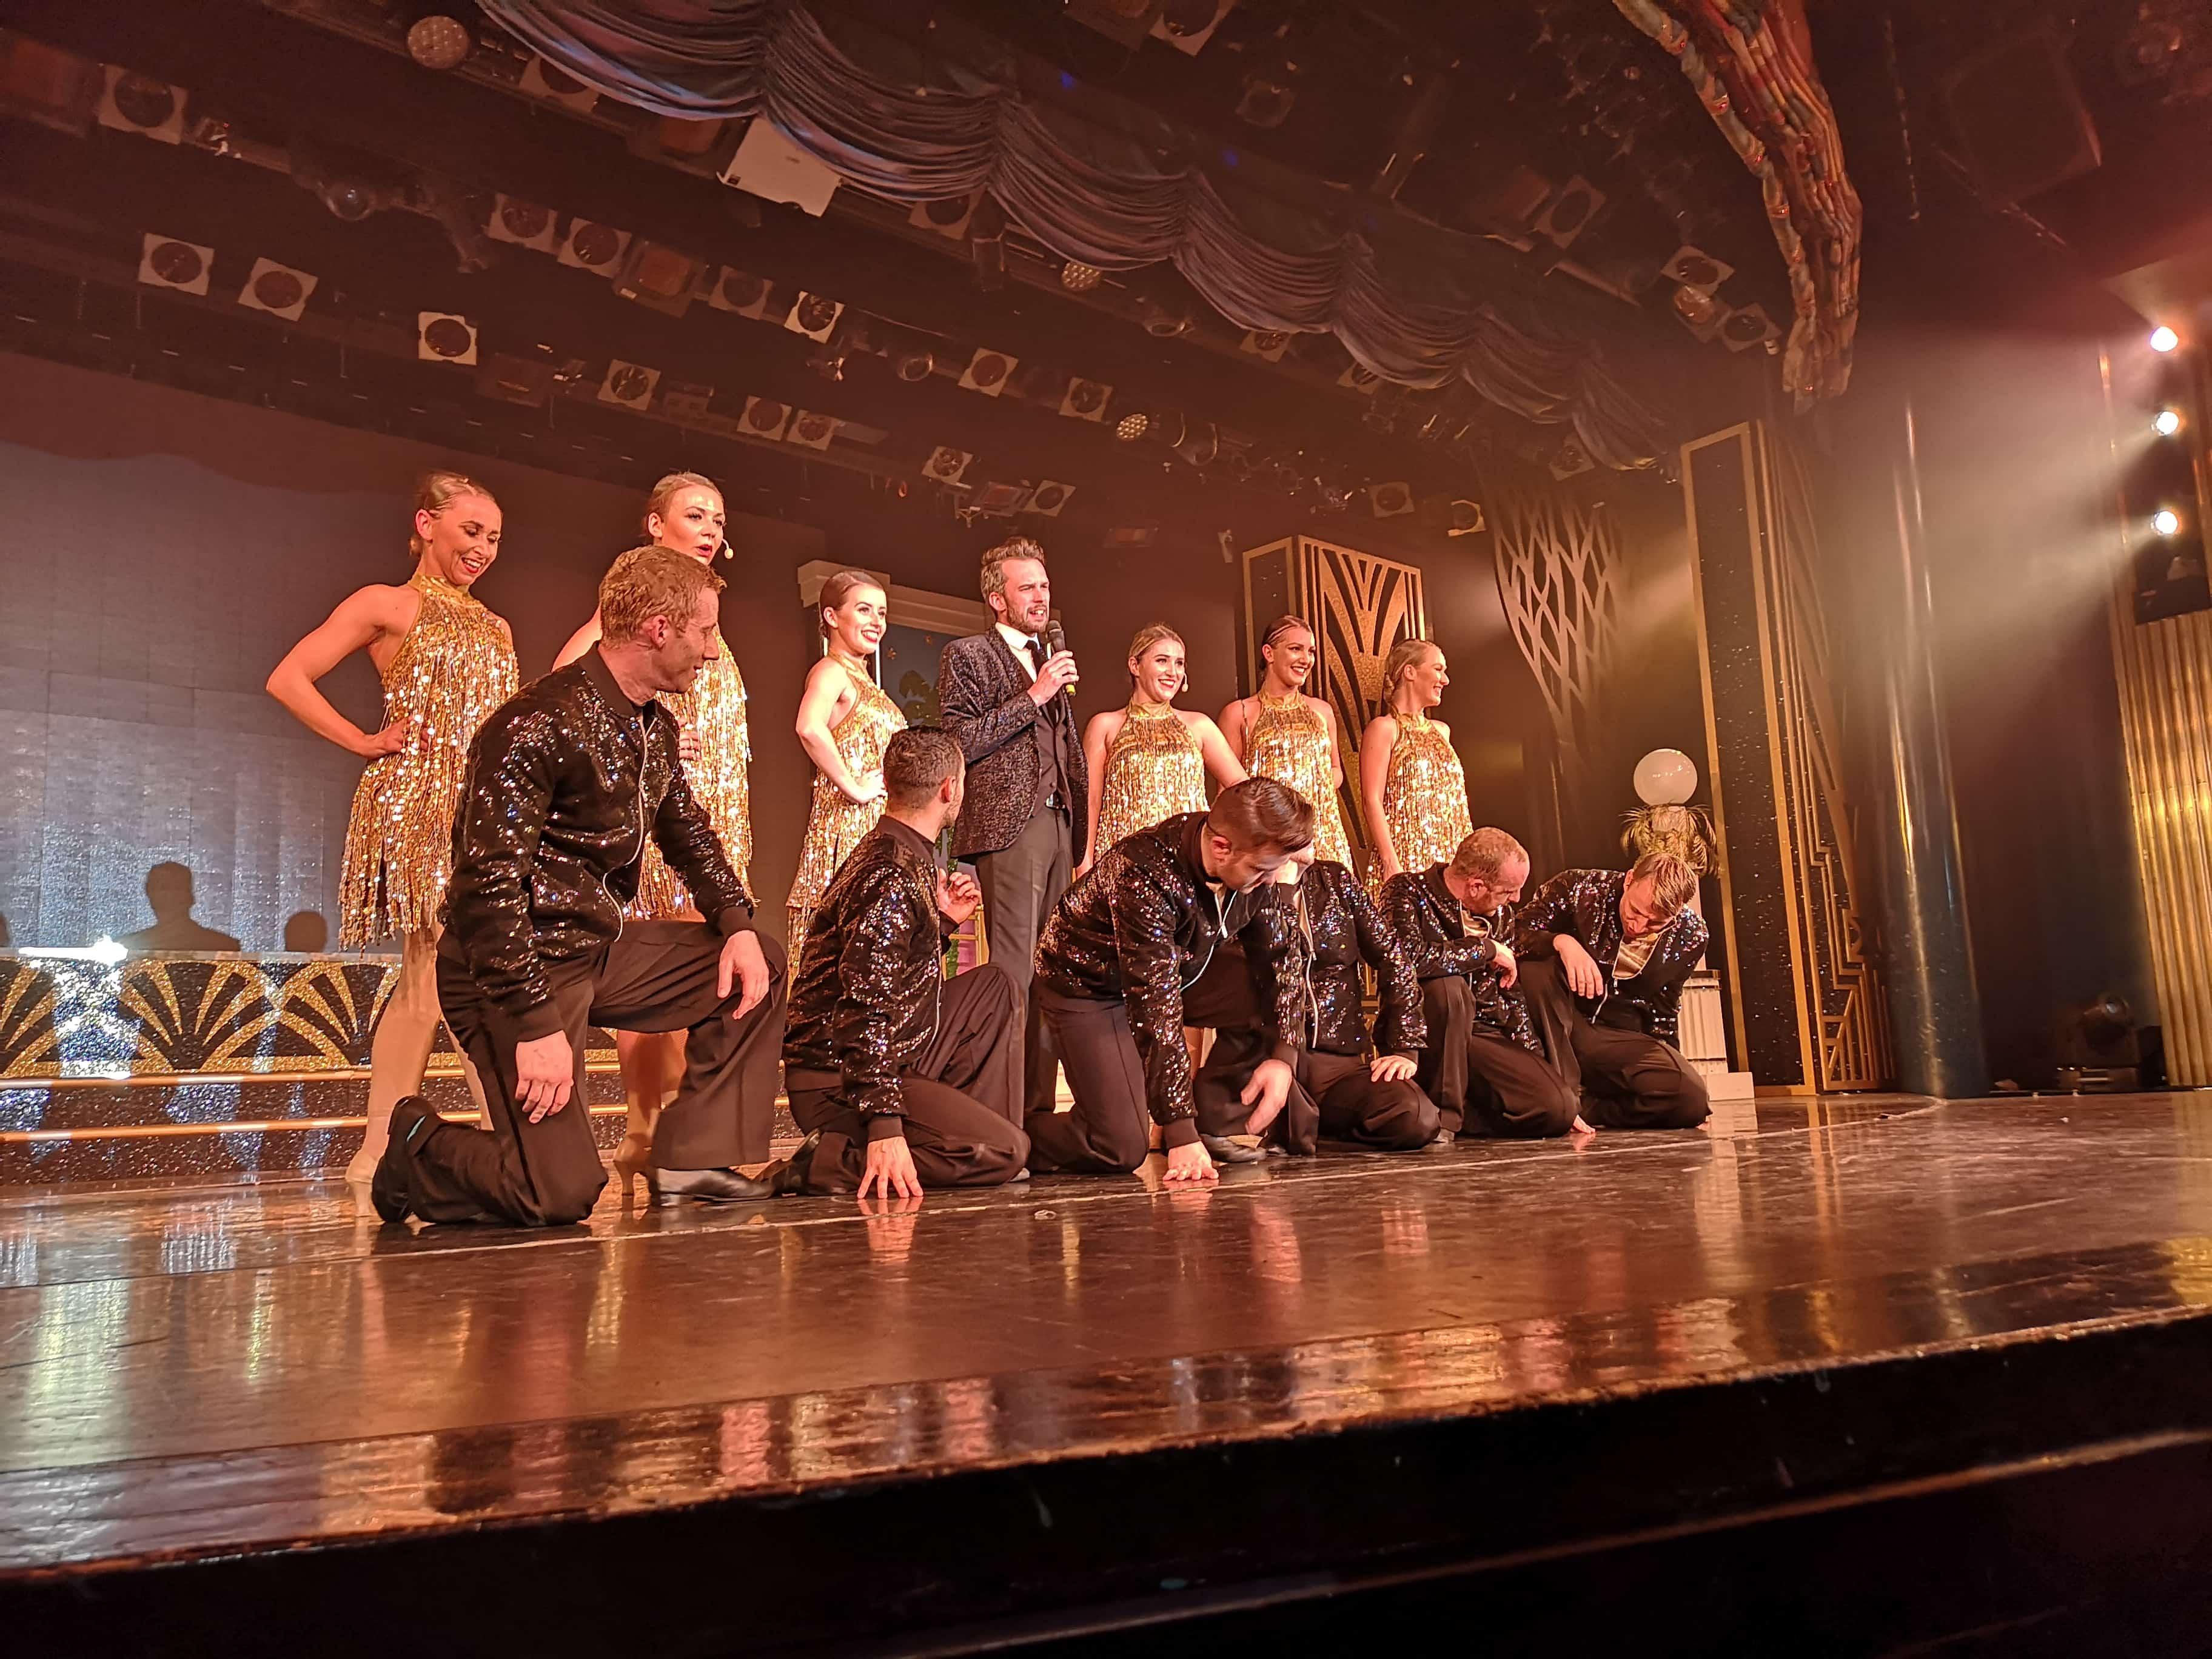 Marella Discovery Theatre Showteam  Entertainment